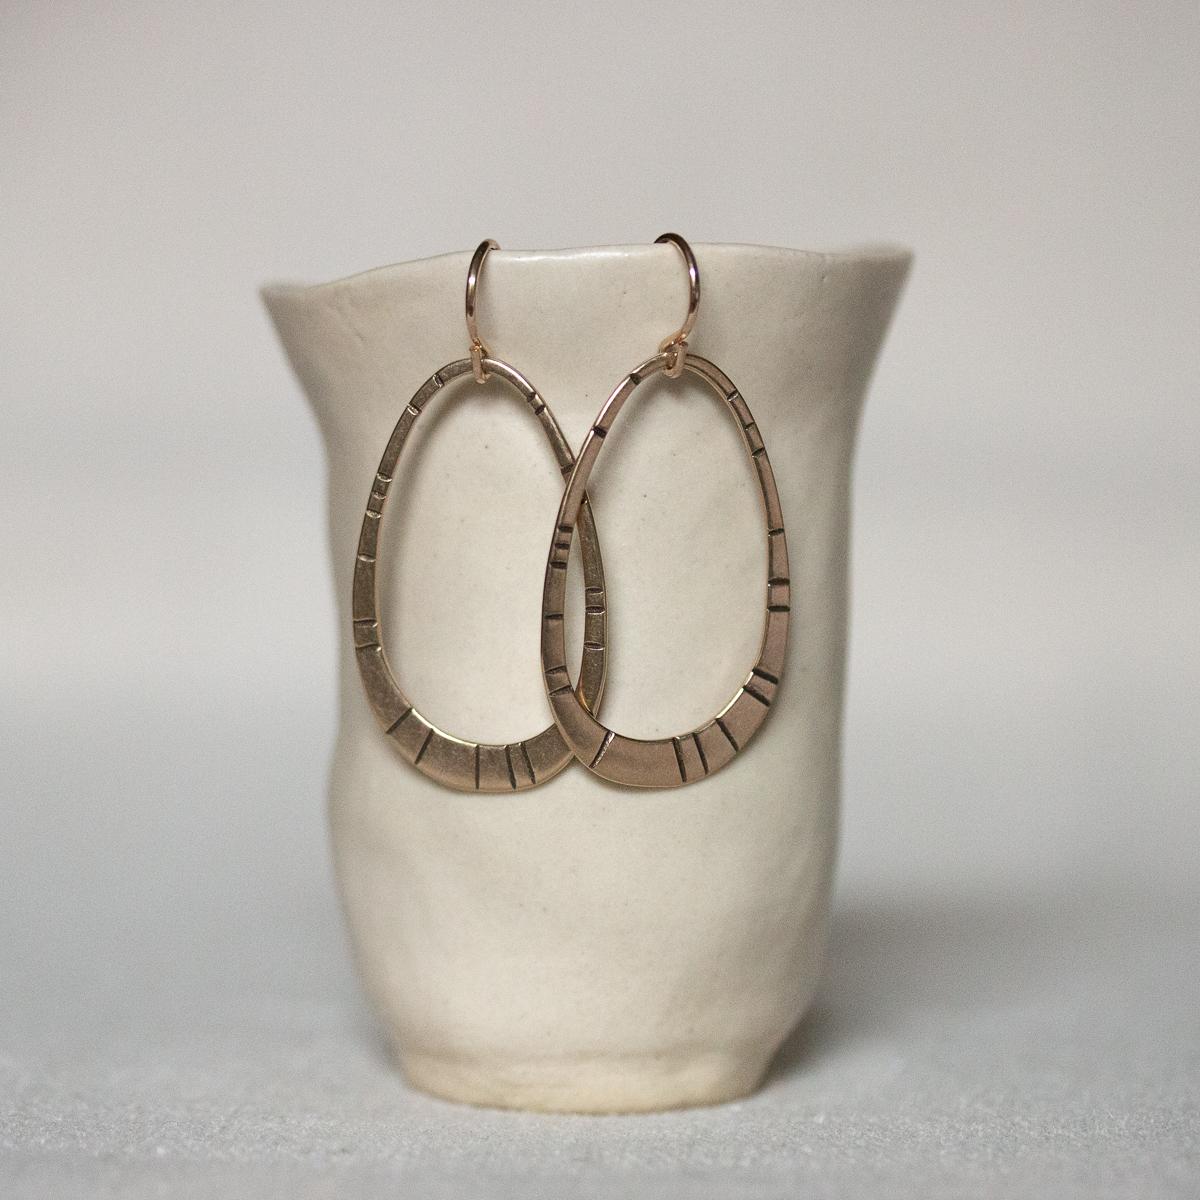 ida-earrings-brass-gf